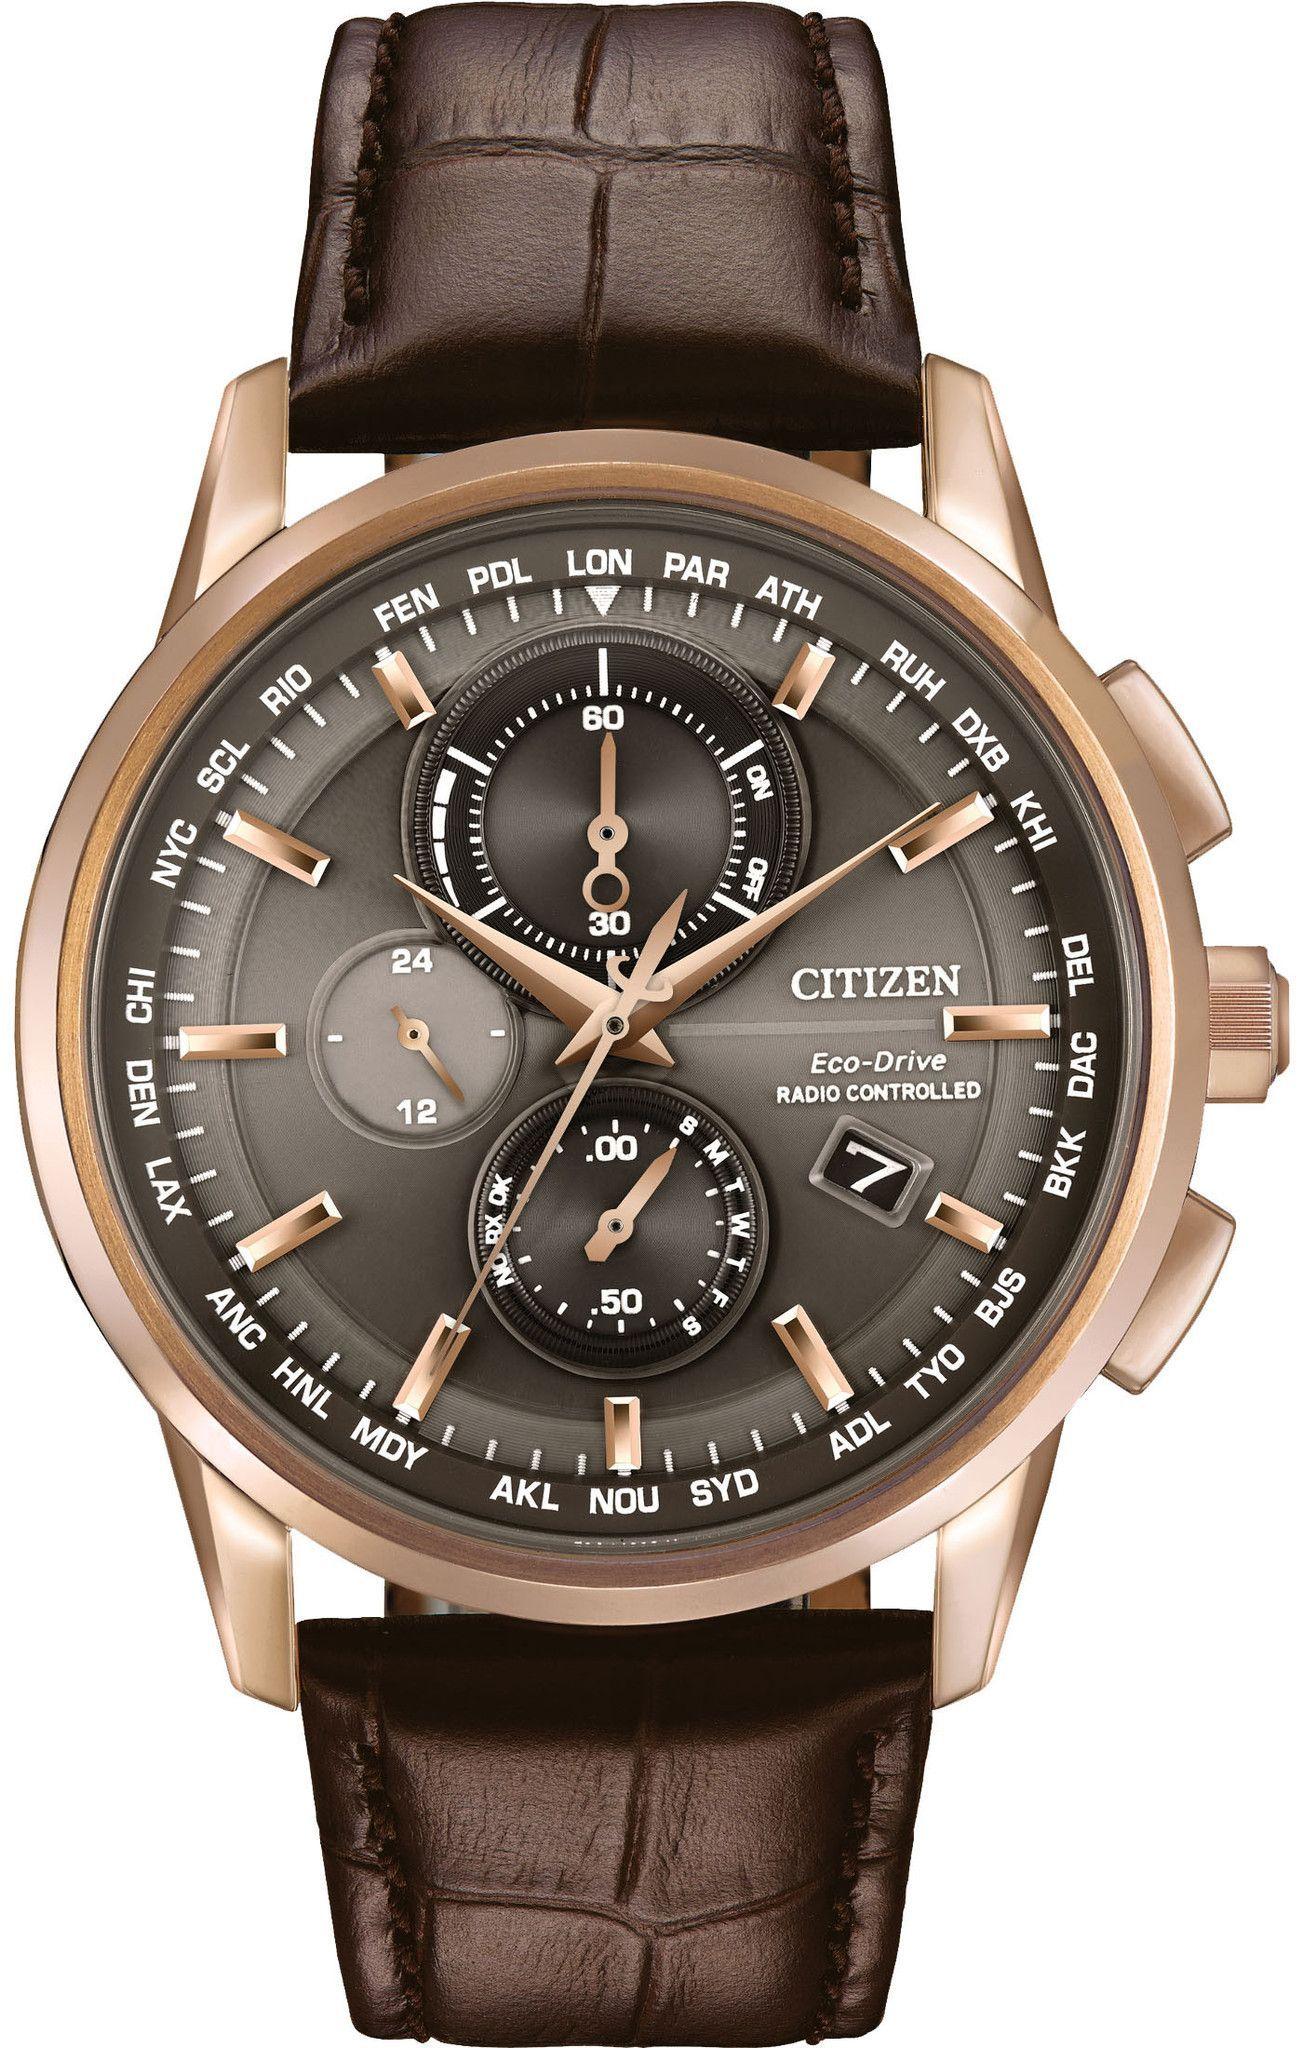 98840c61f9c Citizen Eco-Drive Men s World Chronograph A-T Watch Relógios De Luxo